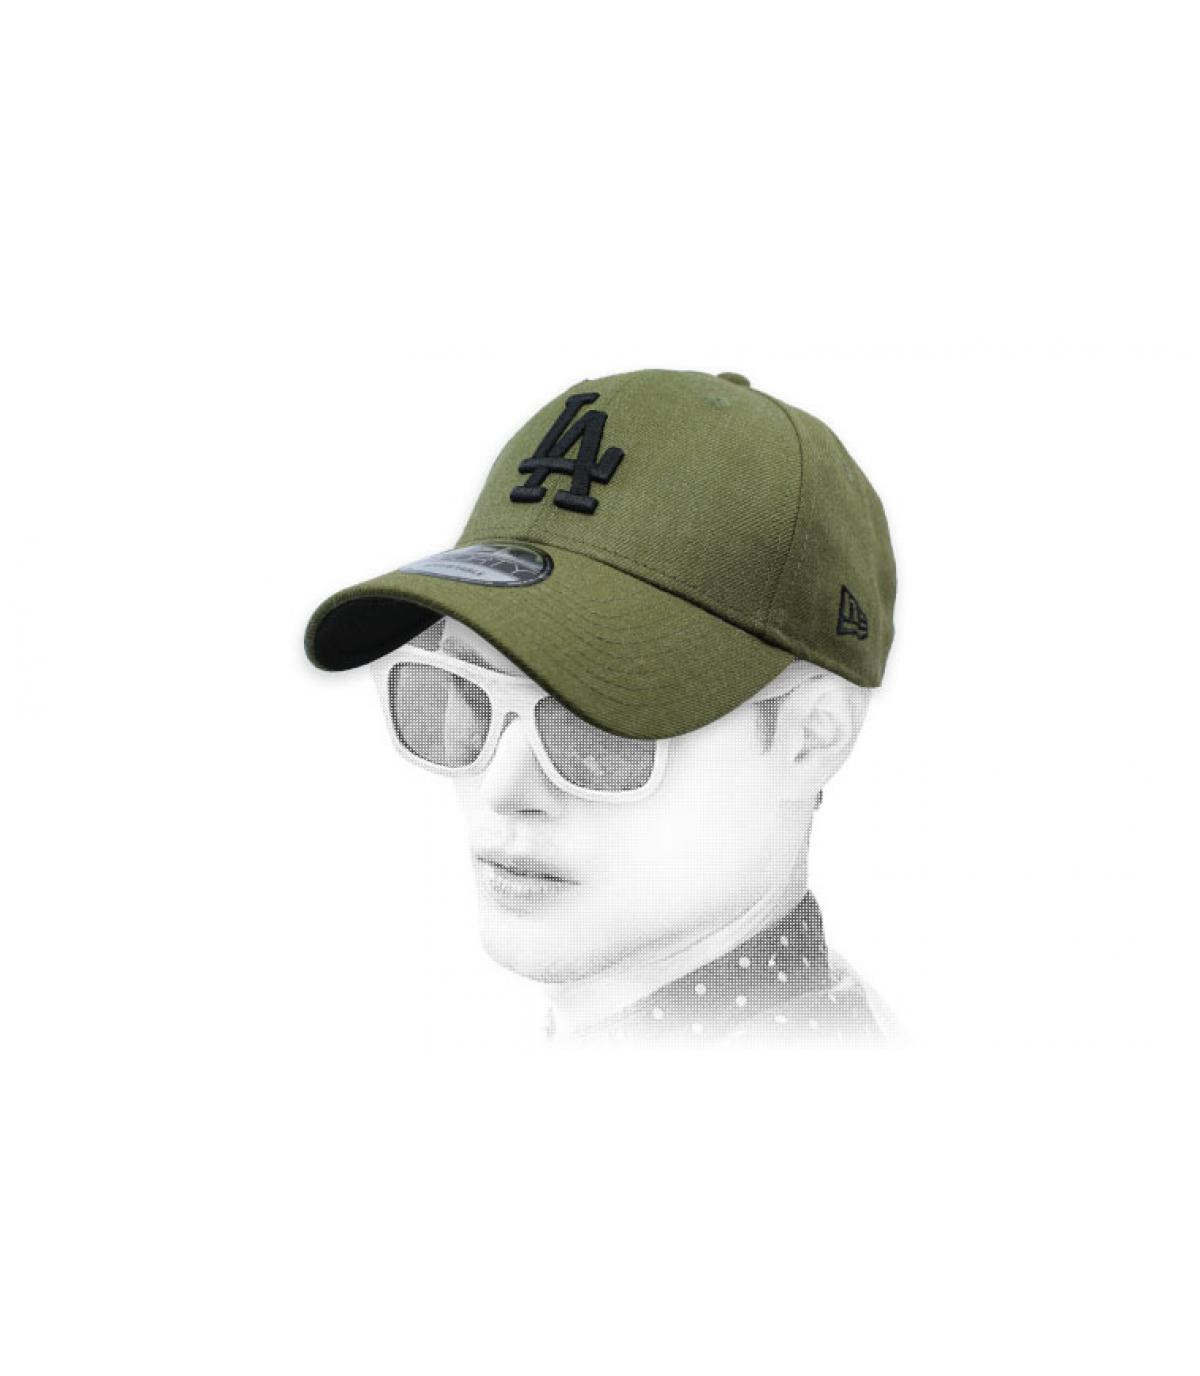 green A cap